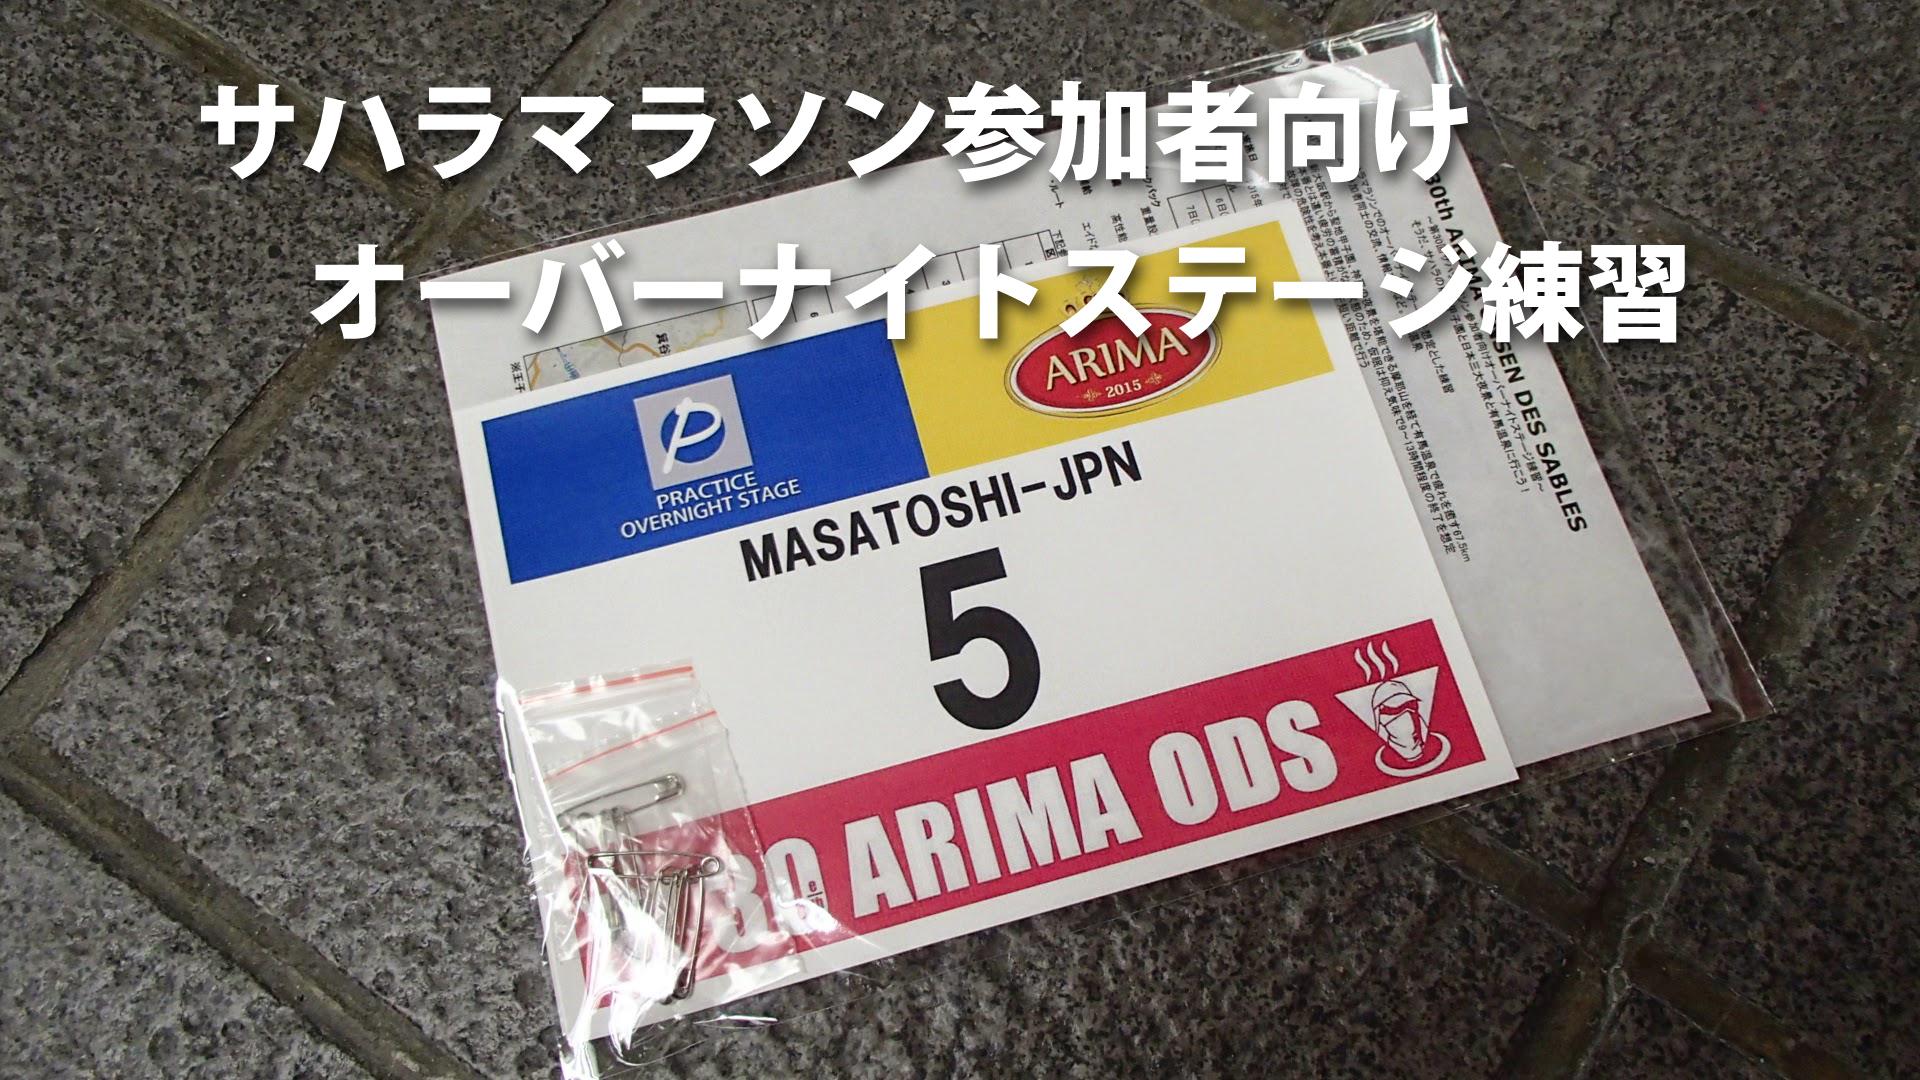 サハラマラソン出場者向けオーバーナイトステージ練習